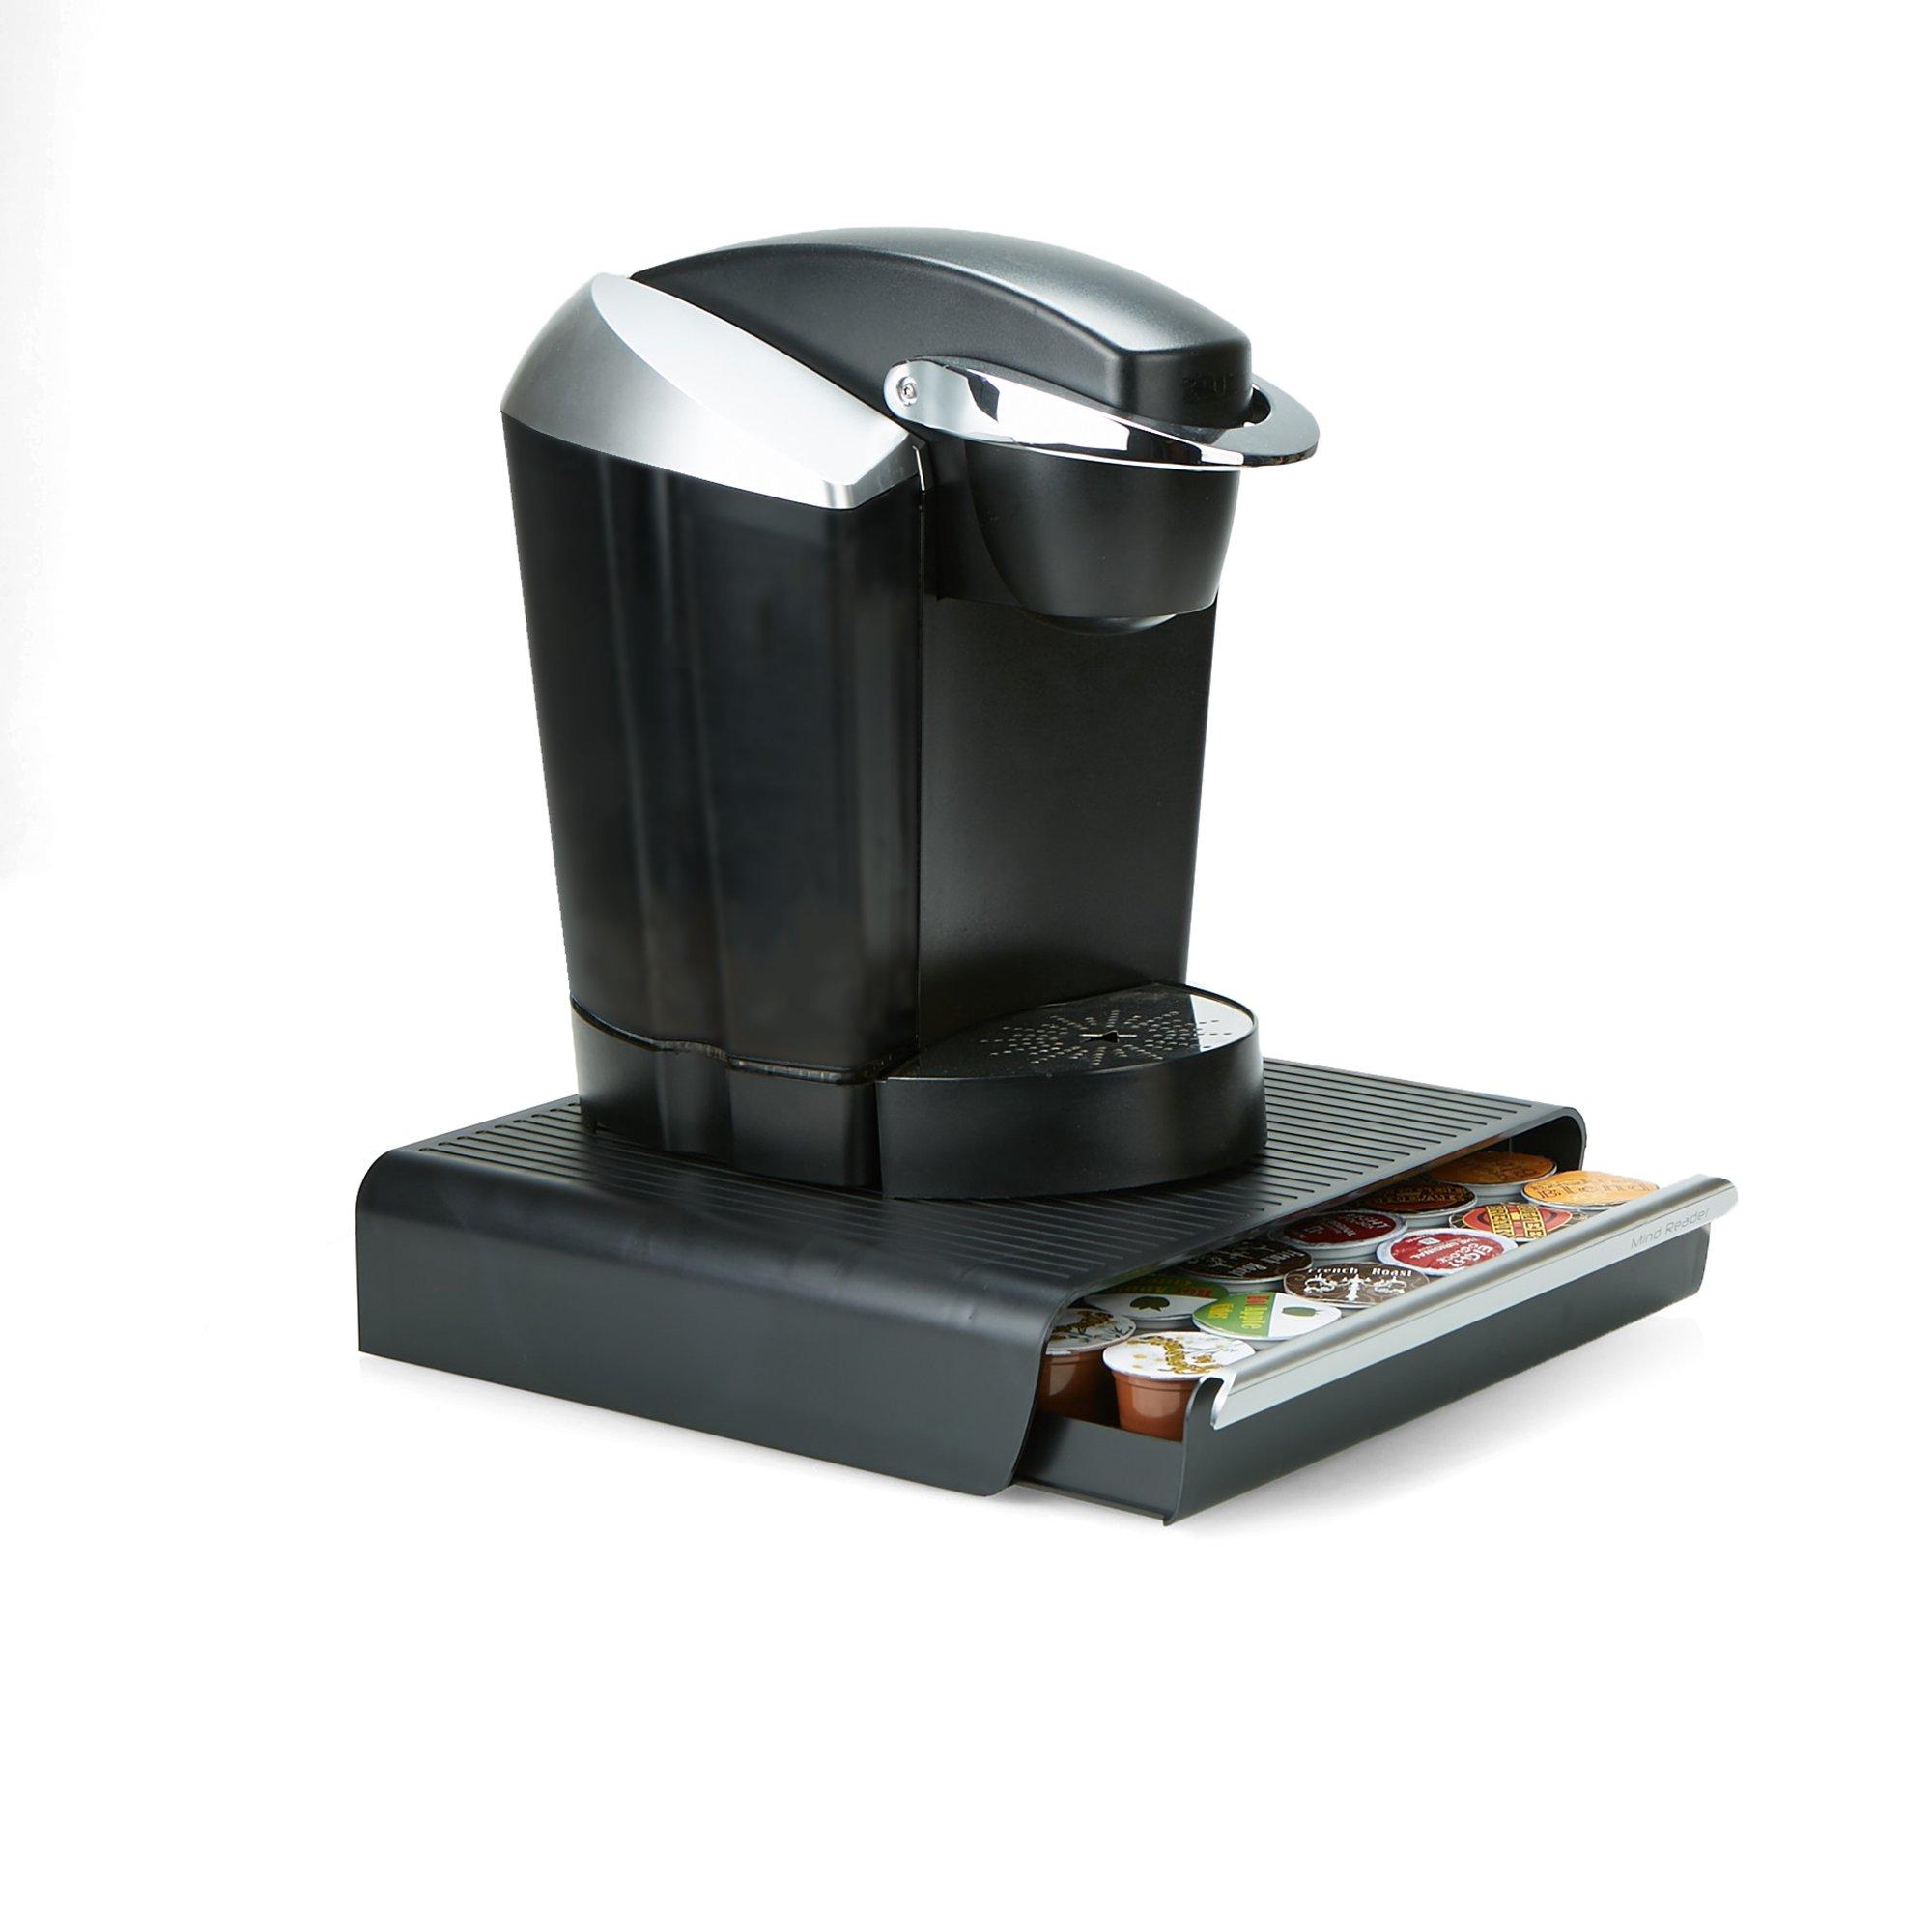 Mind Reader CAP36T-BLK Hero' Coffee Pod Drawer Storage, K-Cup Dolce Gusto CBTL Verismo, Black, One Size 2 by Mind Reader (Image #2)